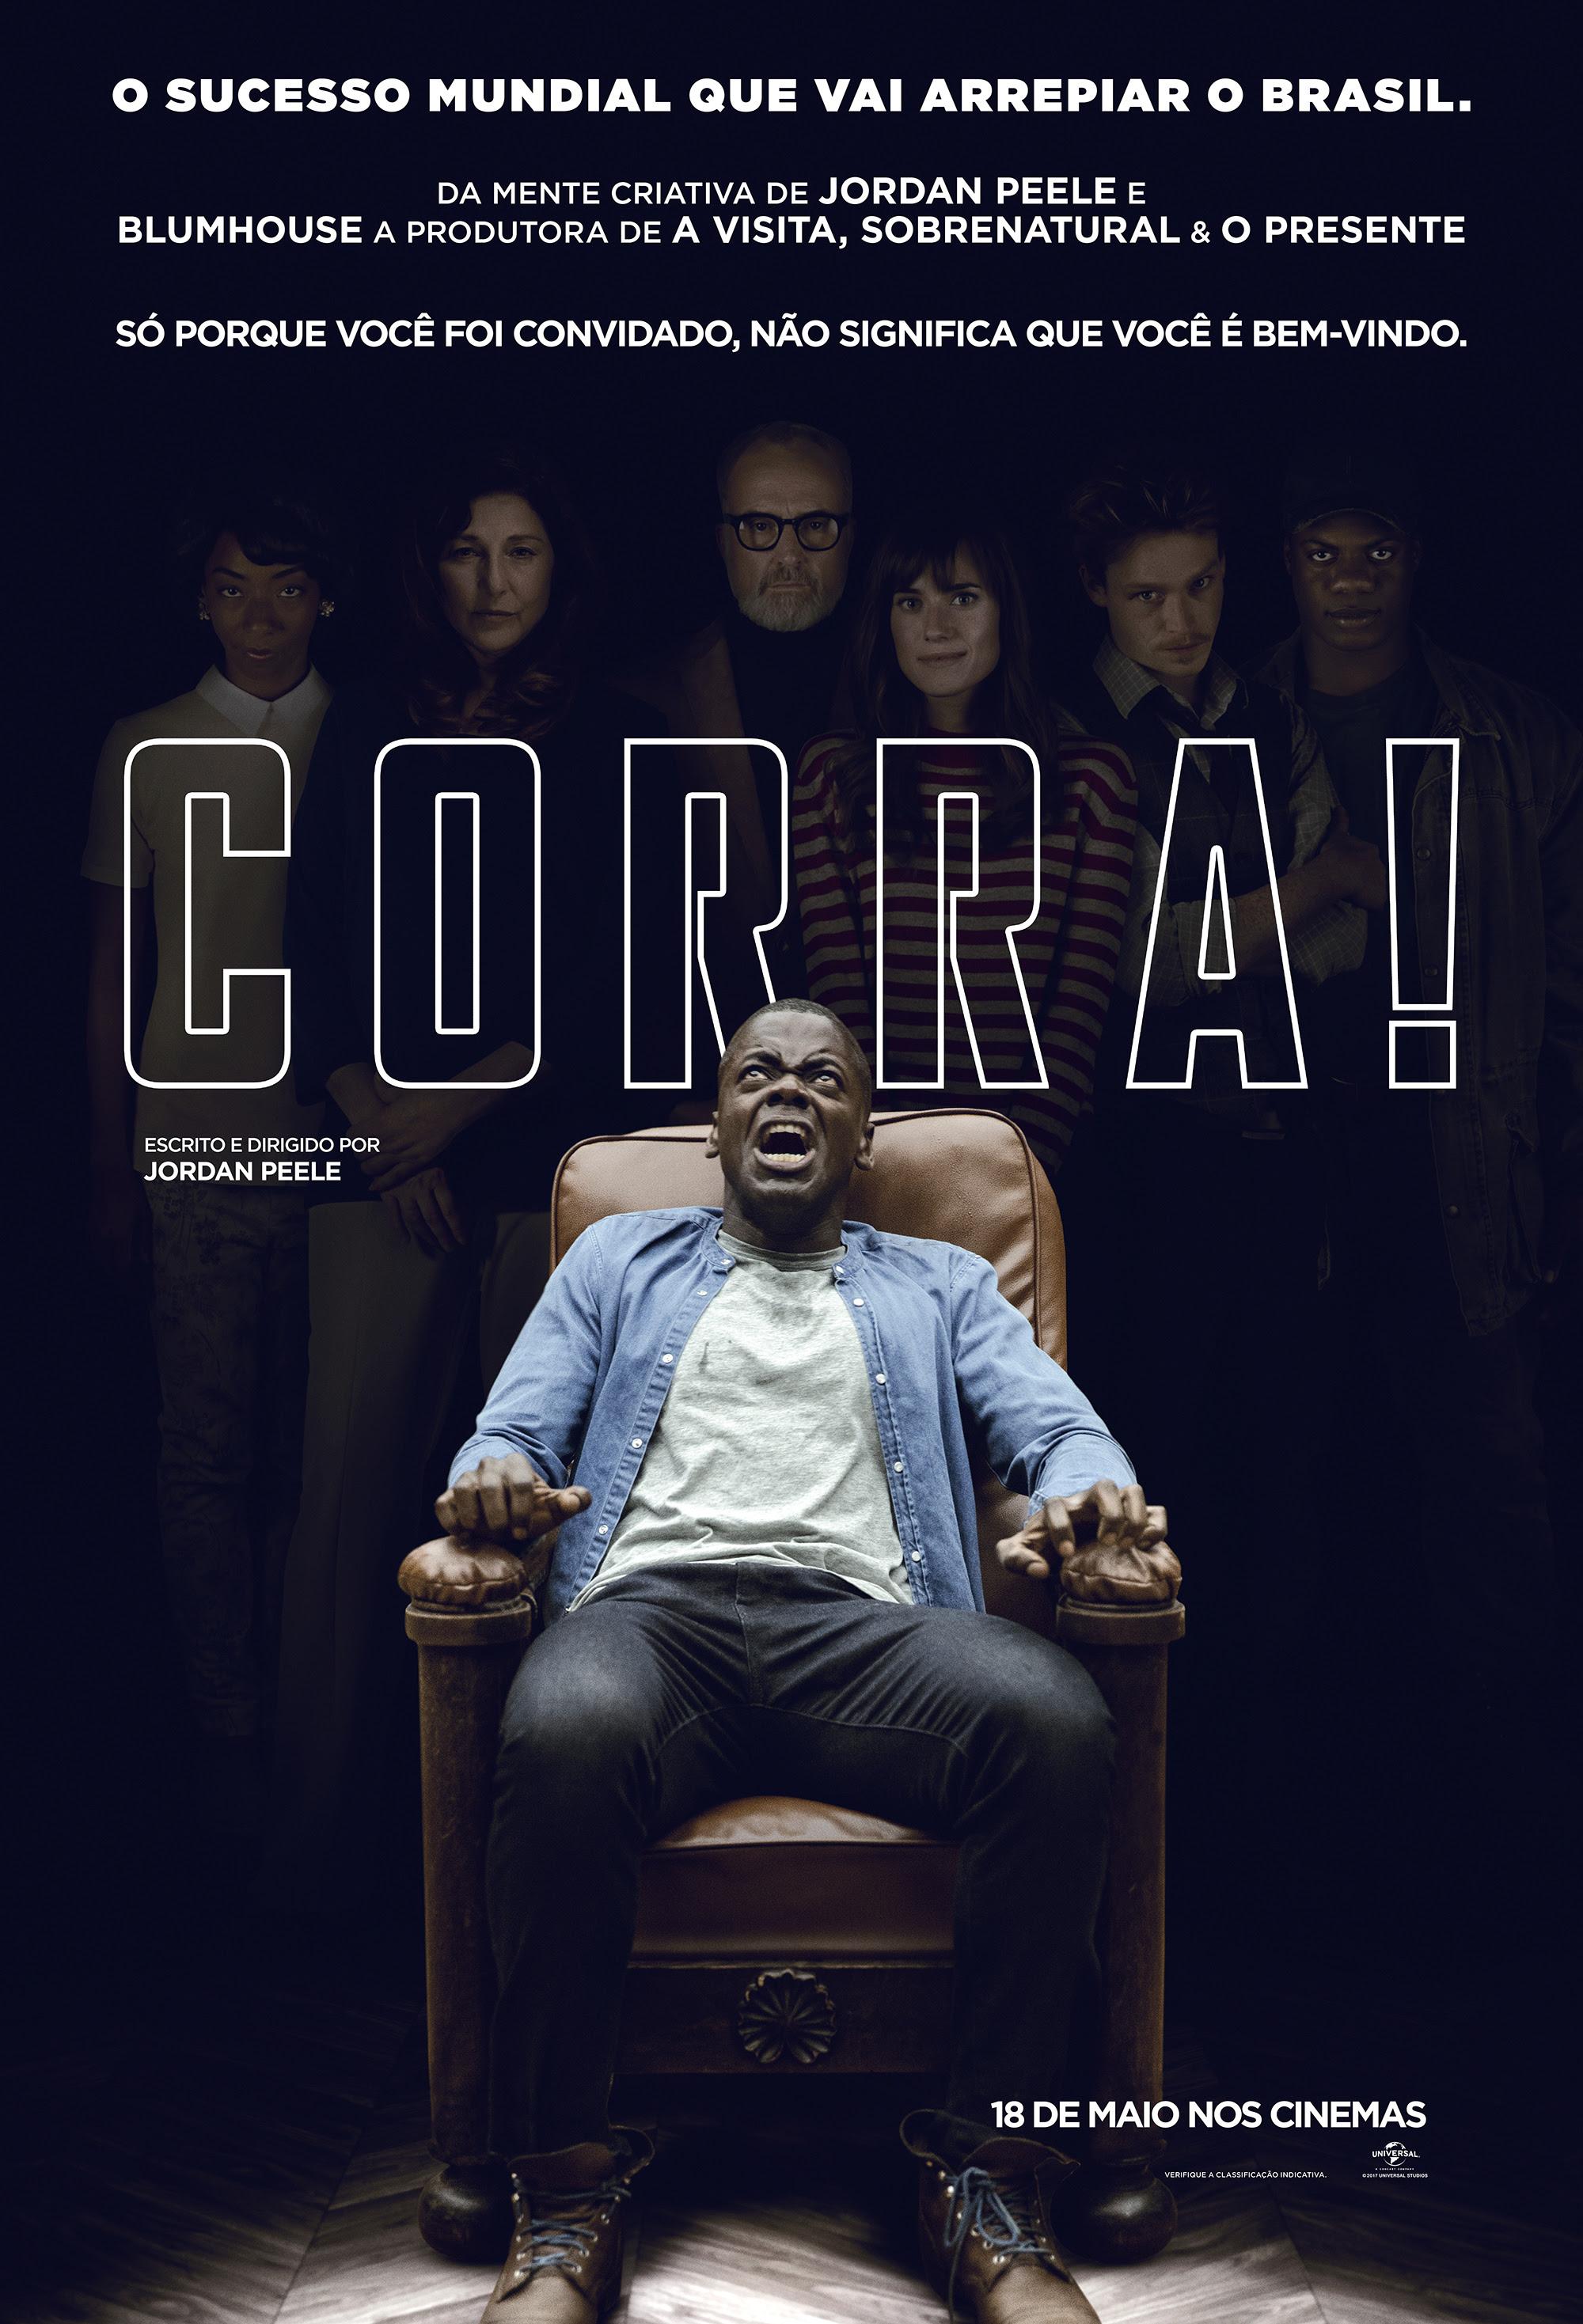 Pôster do já consagrado Corra! (2017), terror que trabalha com críticas ao racismo e outras questões sociais